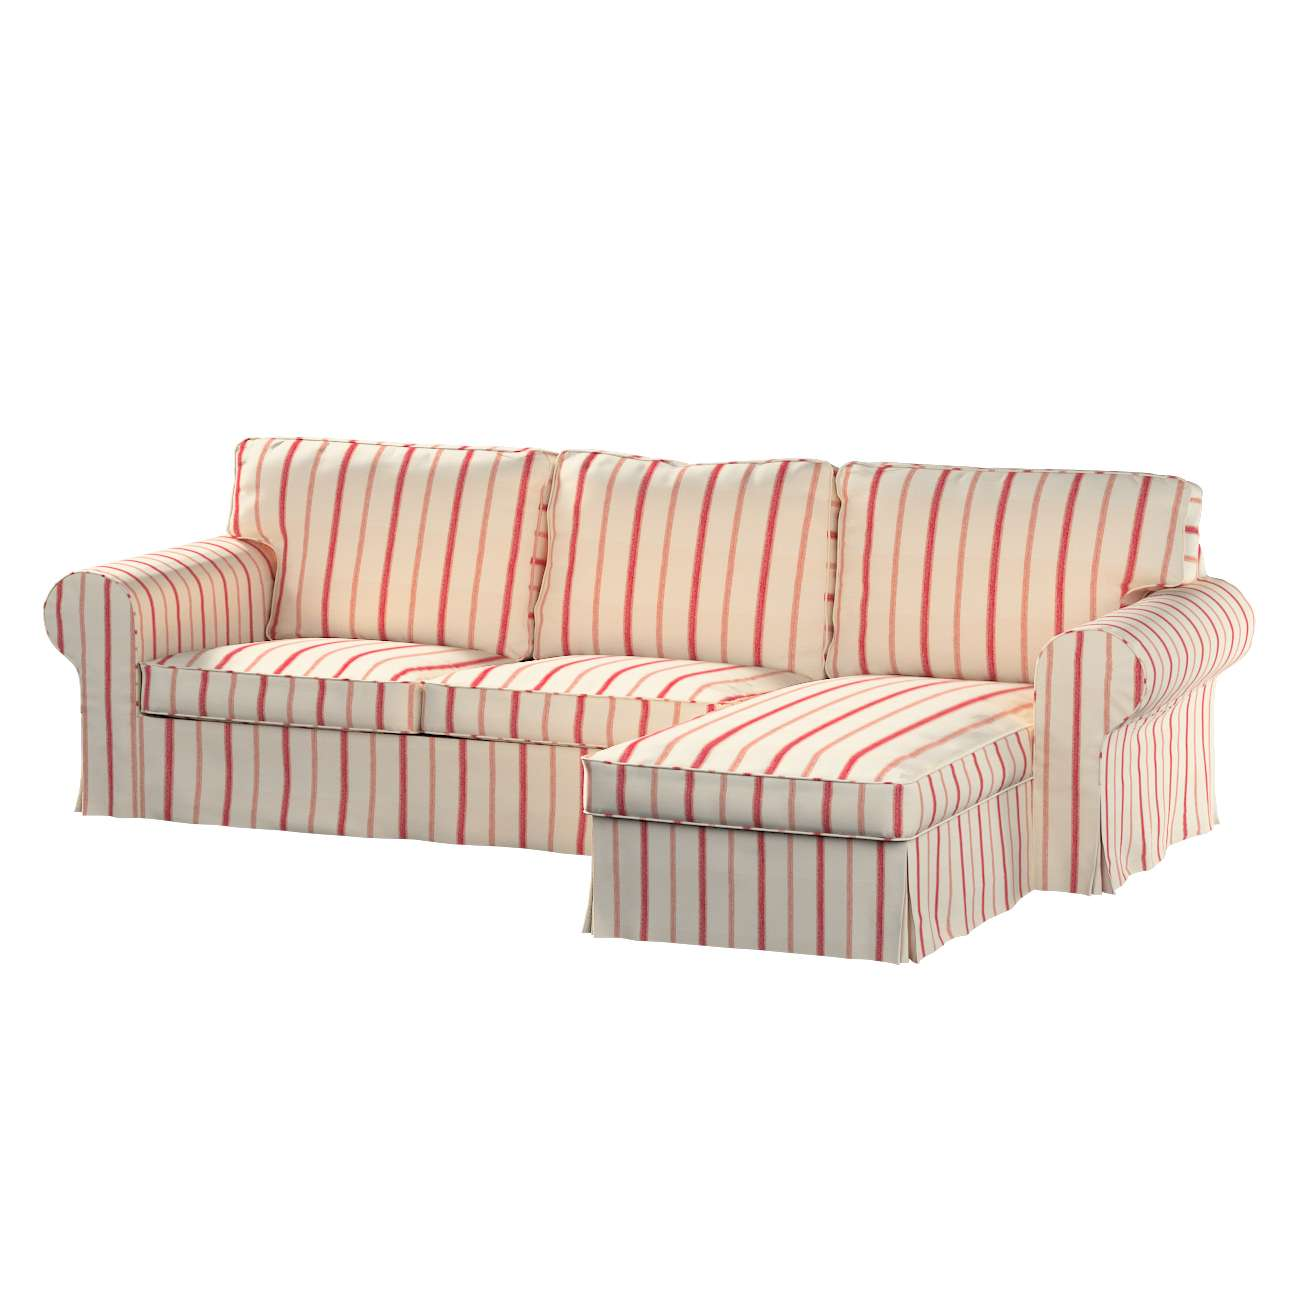 Ektorp dvivietės sofos su gulimuoju krėslu užvalkalas Ikea Ektorp dvivietės sofos su gulimuoju krėslu užvalkalas kolekcijoje Avinon, audinys: 129-15